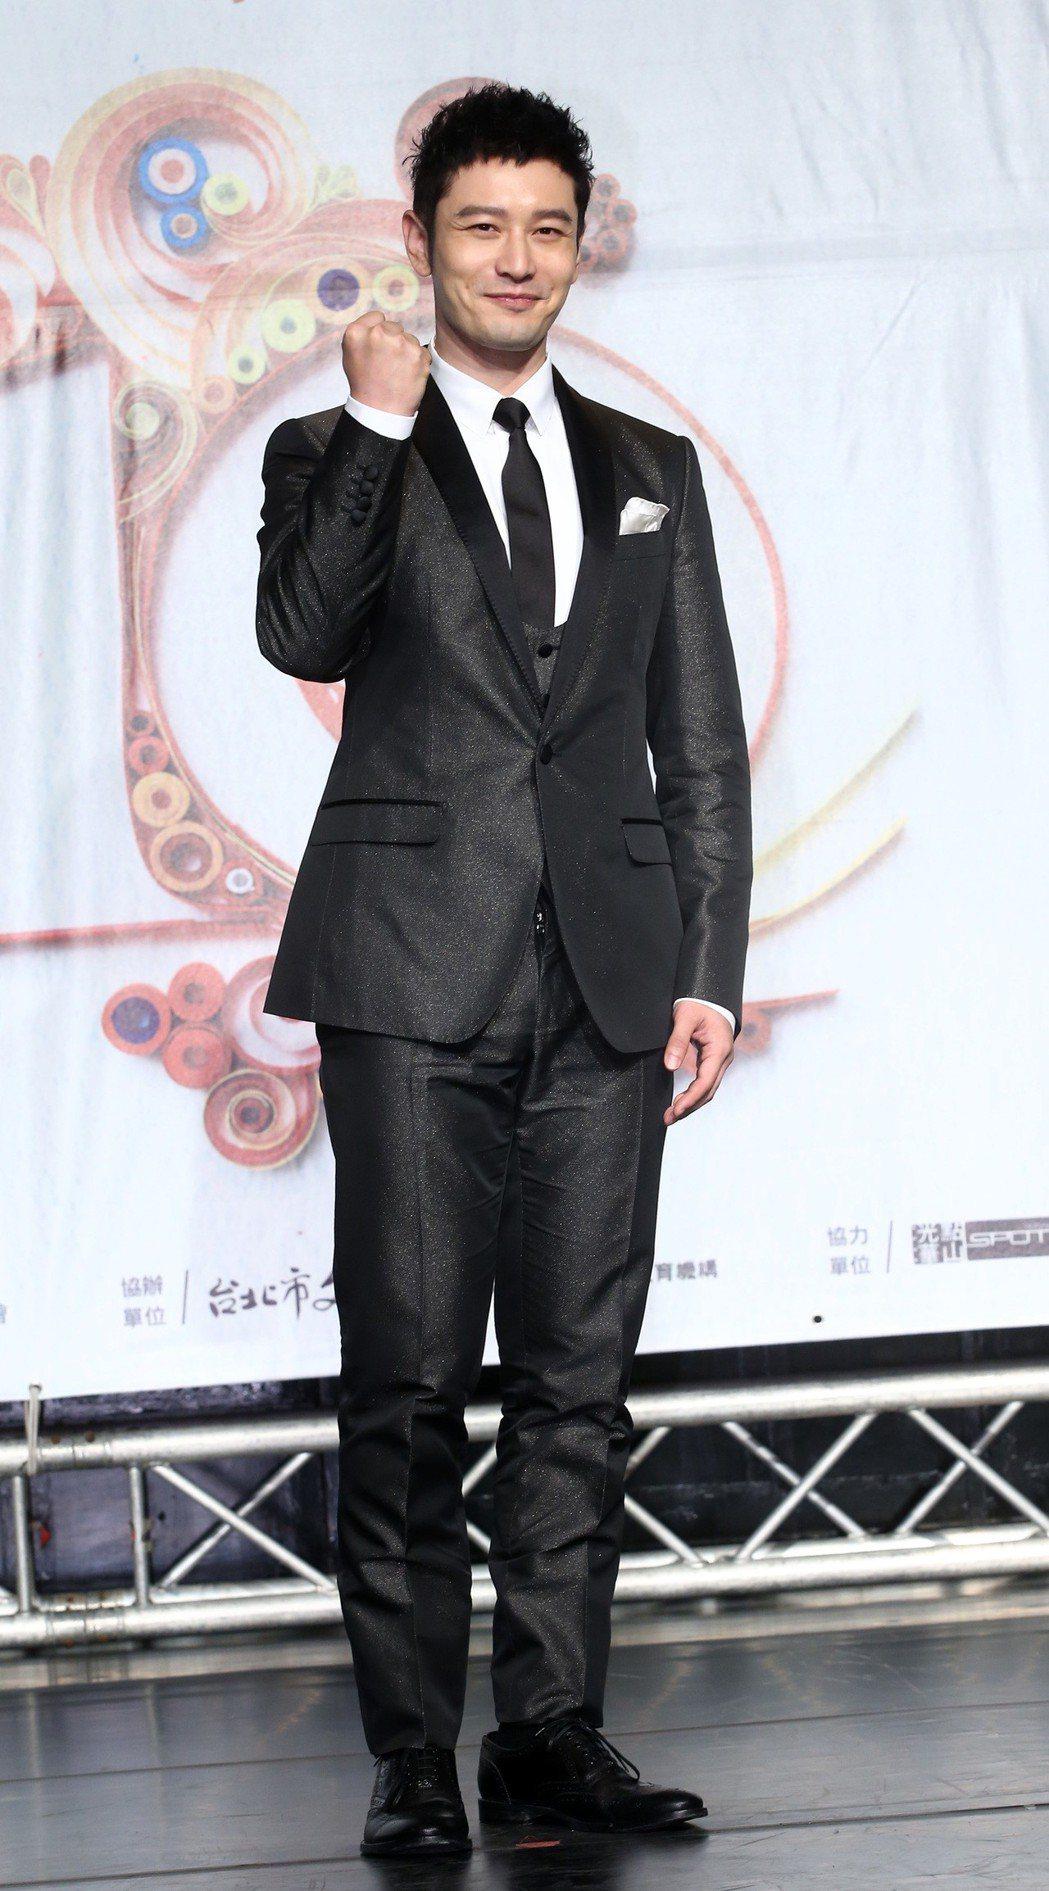 黃曉明出席「第十屆兩岸電影展」開幕。記者林澔一/攝影